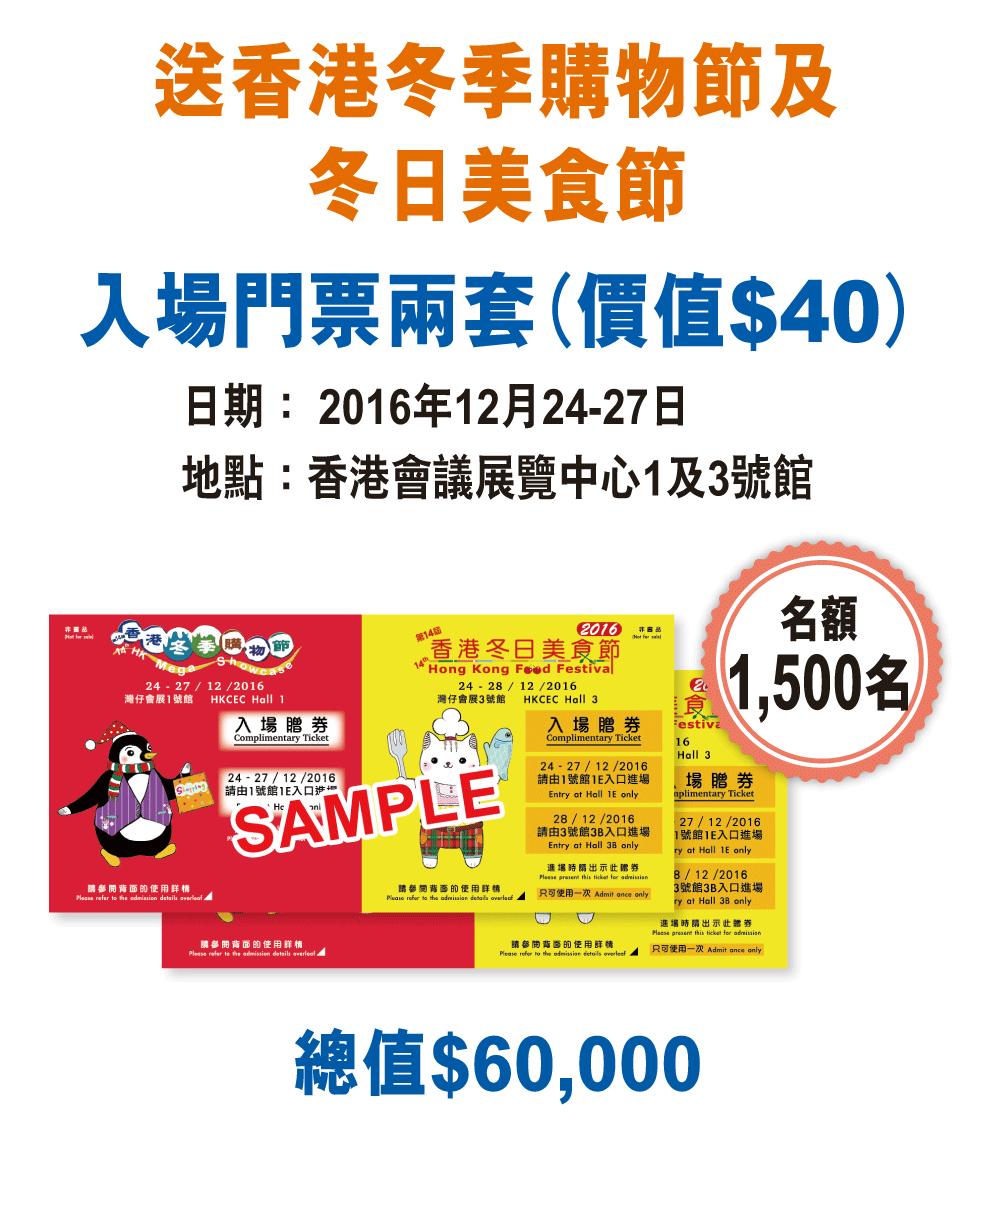 勁送3000套門票玩盡香港冬季購物節及美食節